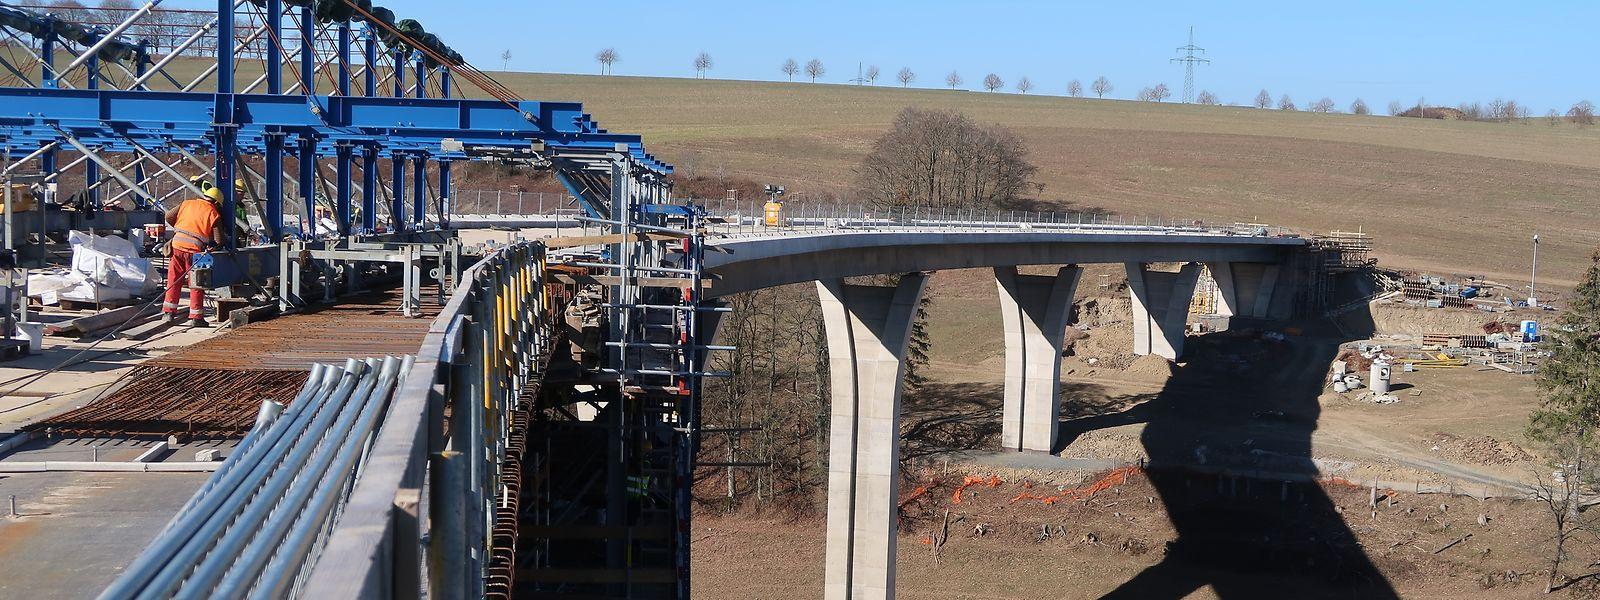 Le viaduc Irbich, long de 265 mètres, est le plus long des trois ponts qui composent la transversale de Clervaux.